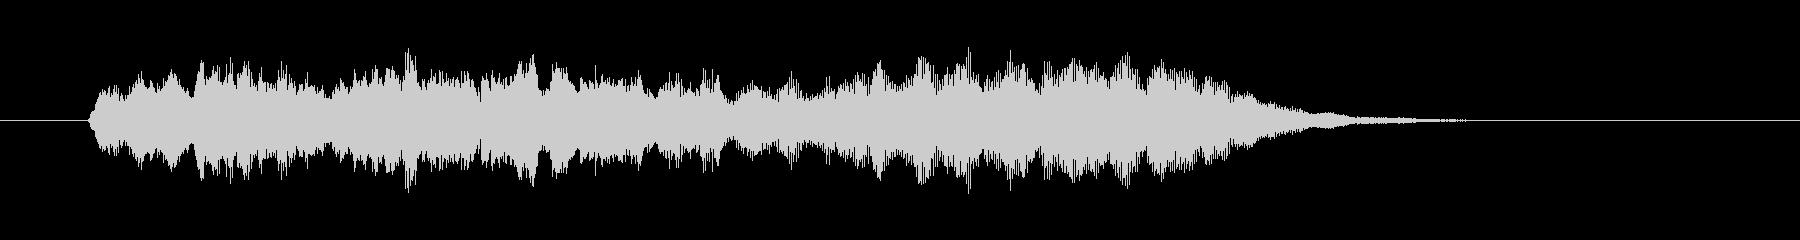 クラシック調短めジングルの未再生の波形